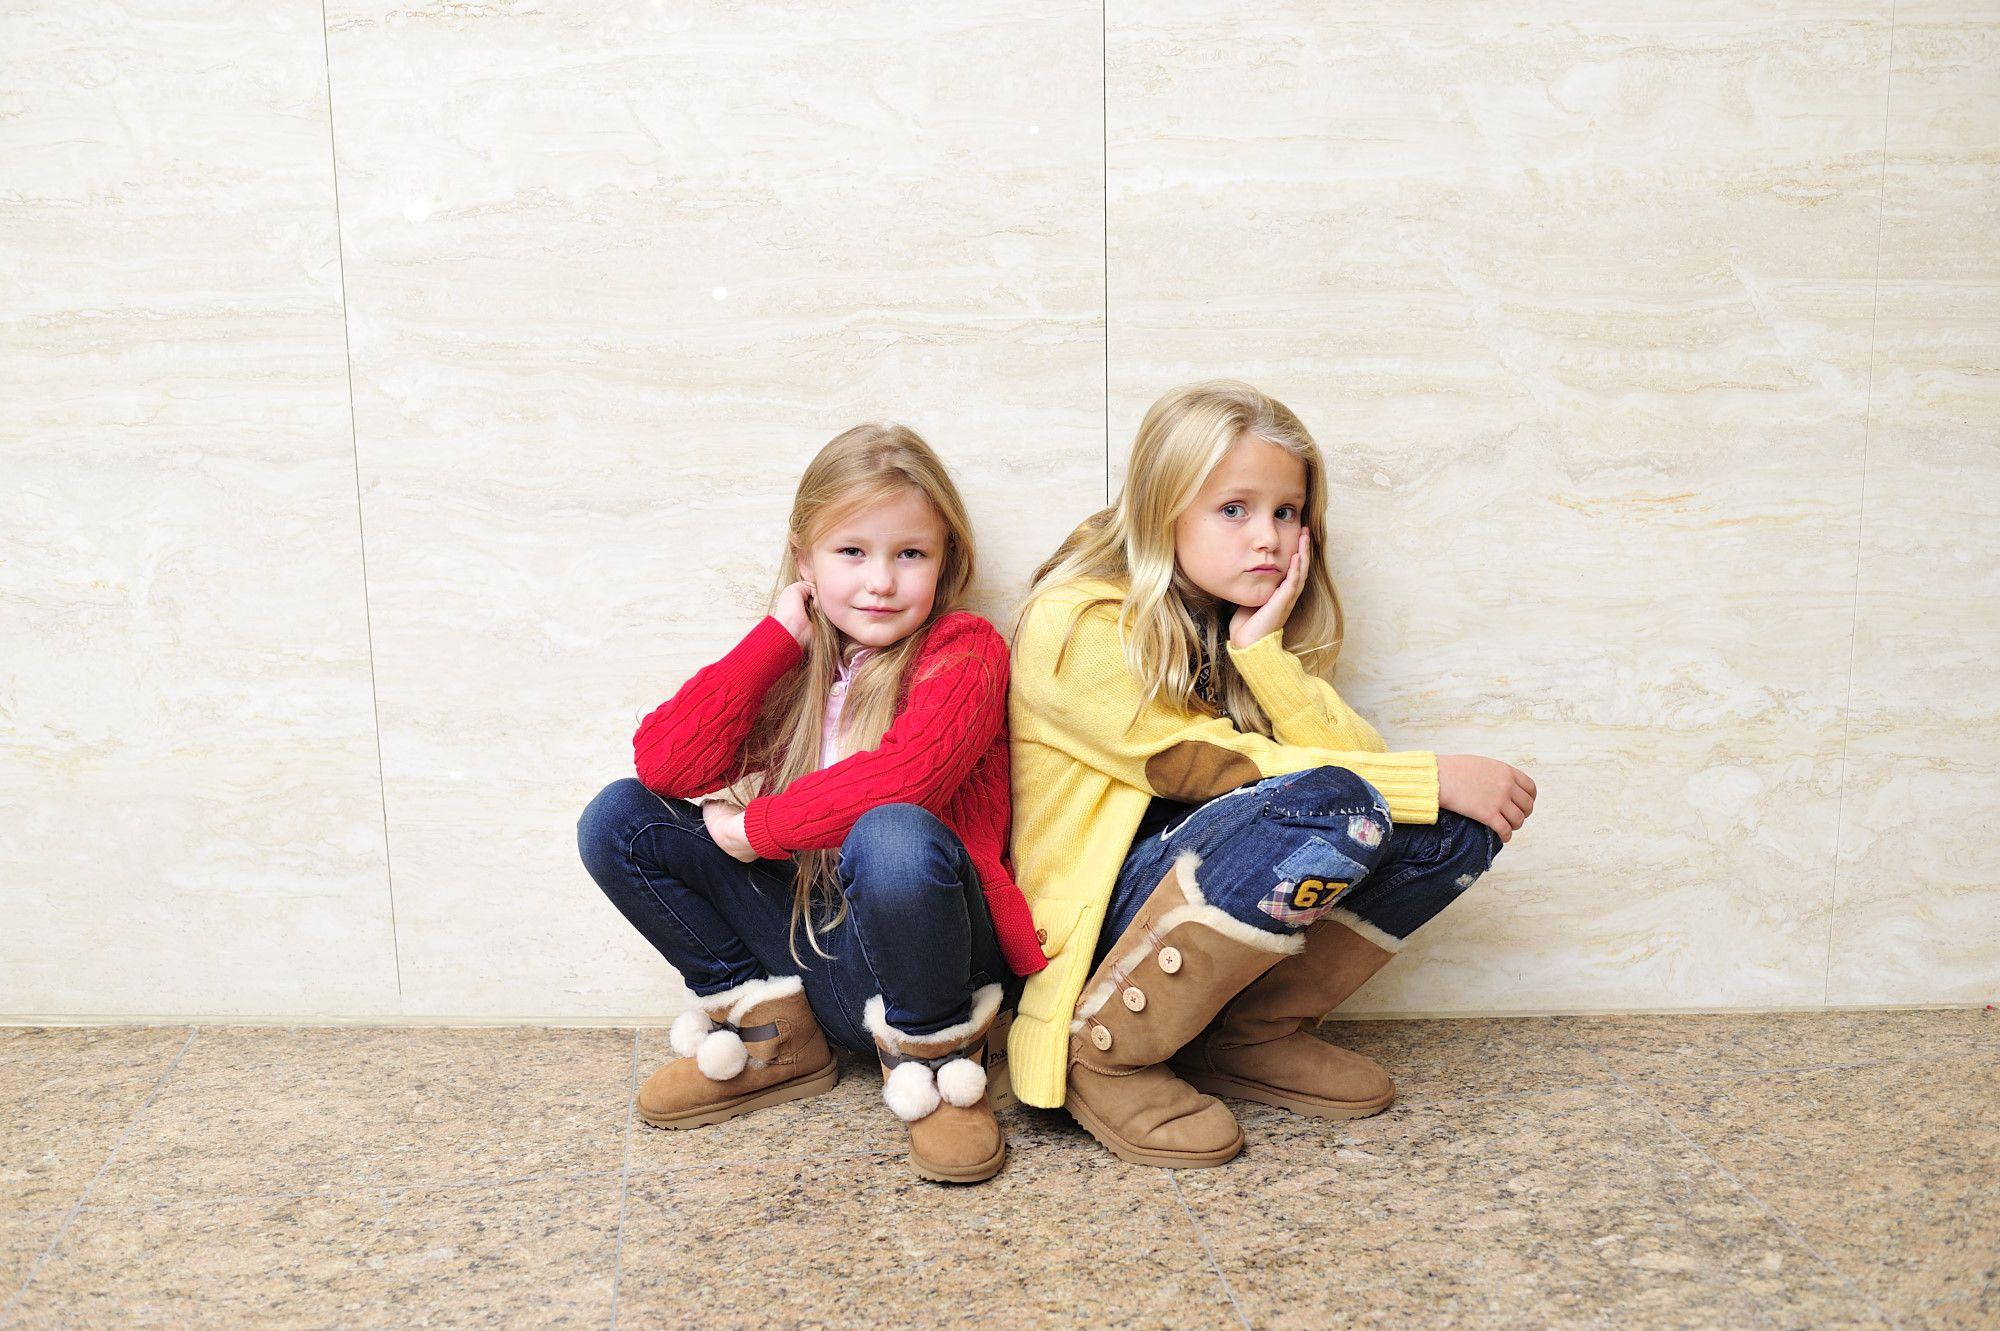 Polo Ralph Lauren Kolekcja Dla Dzieci Ugg Kolekcja Dla Dzieci W Sklepie Internetowym Celebrity Club Pl Couple Photos Celebrities Couples